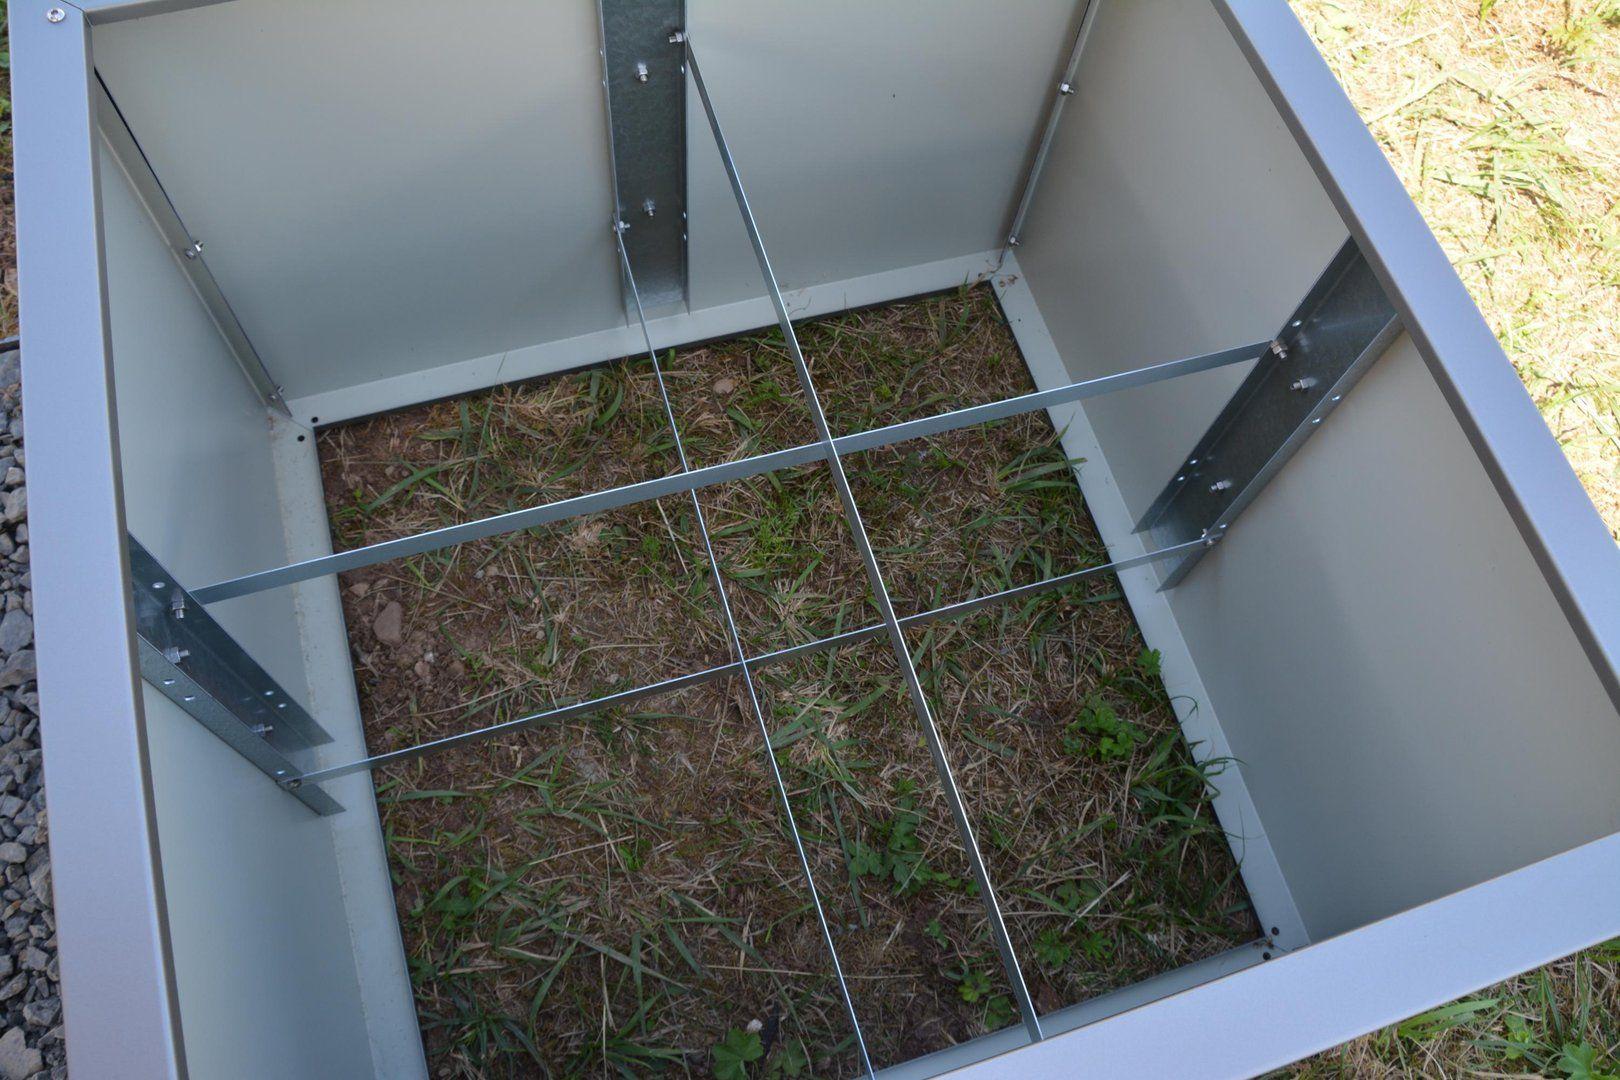 Hochbeet Urban Metall 0 55 X 0 75 M Hohe 0 5 M Lackiert In 2020 Hochbeet Gartenboden Verzinktes Blech